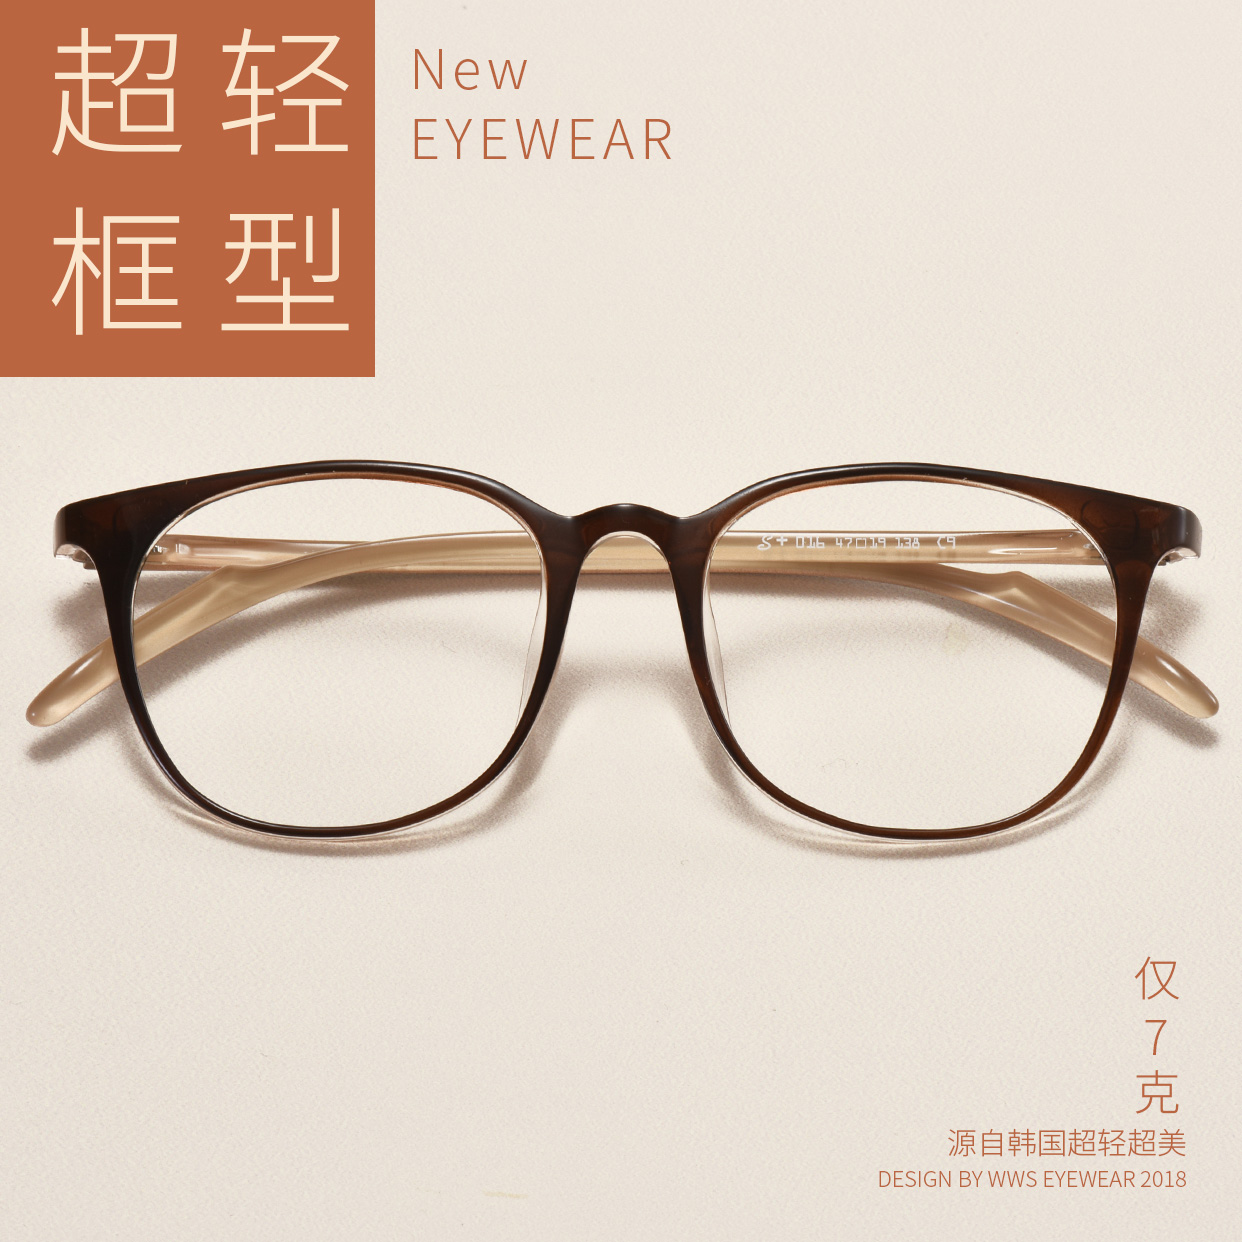 韩国超轻TR90眼镜框女可配a镜架镜架有度数大圆脸显瘦眼睛框眼镜男